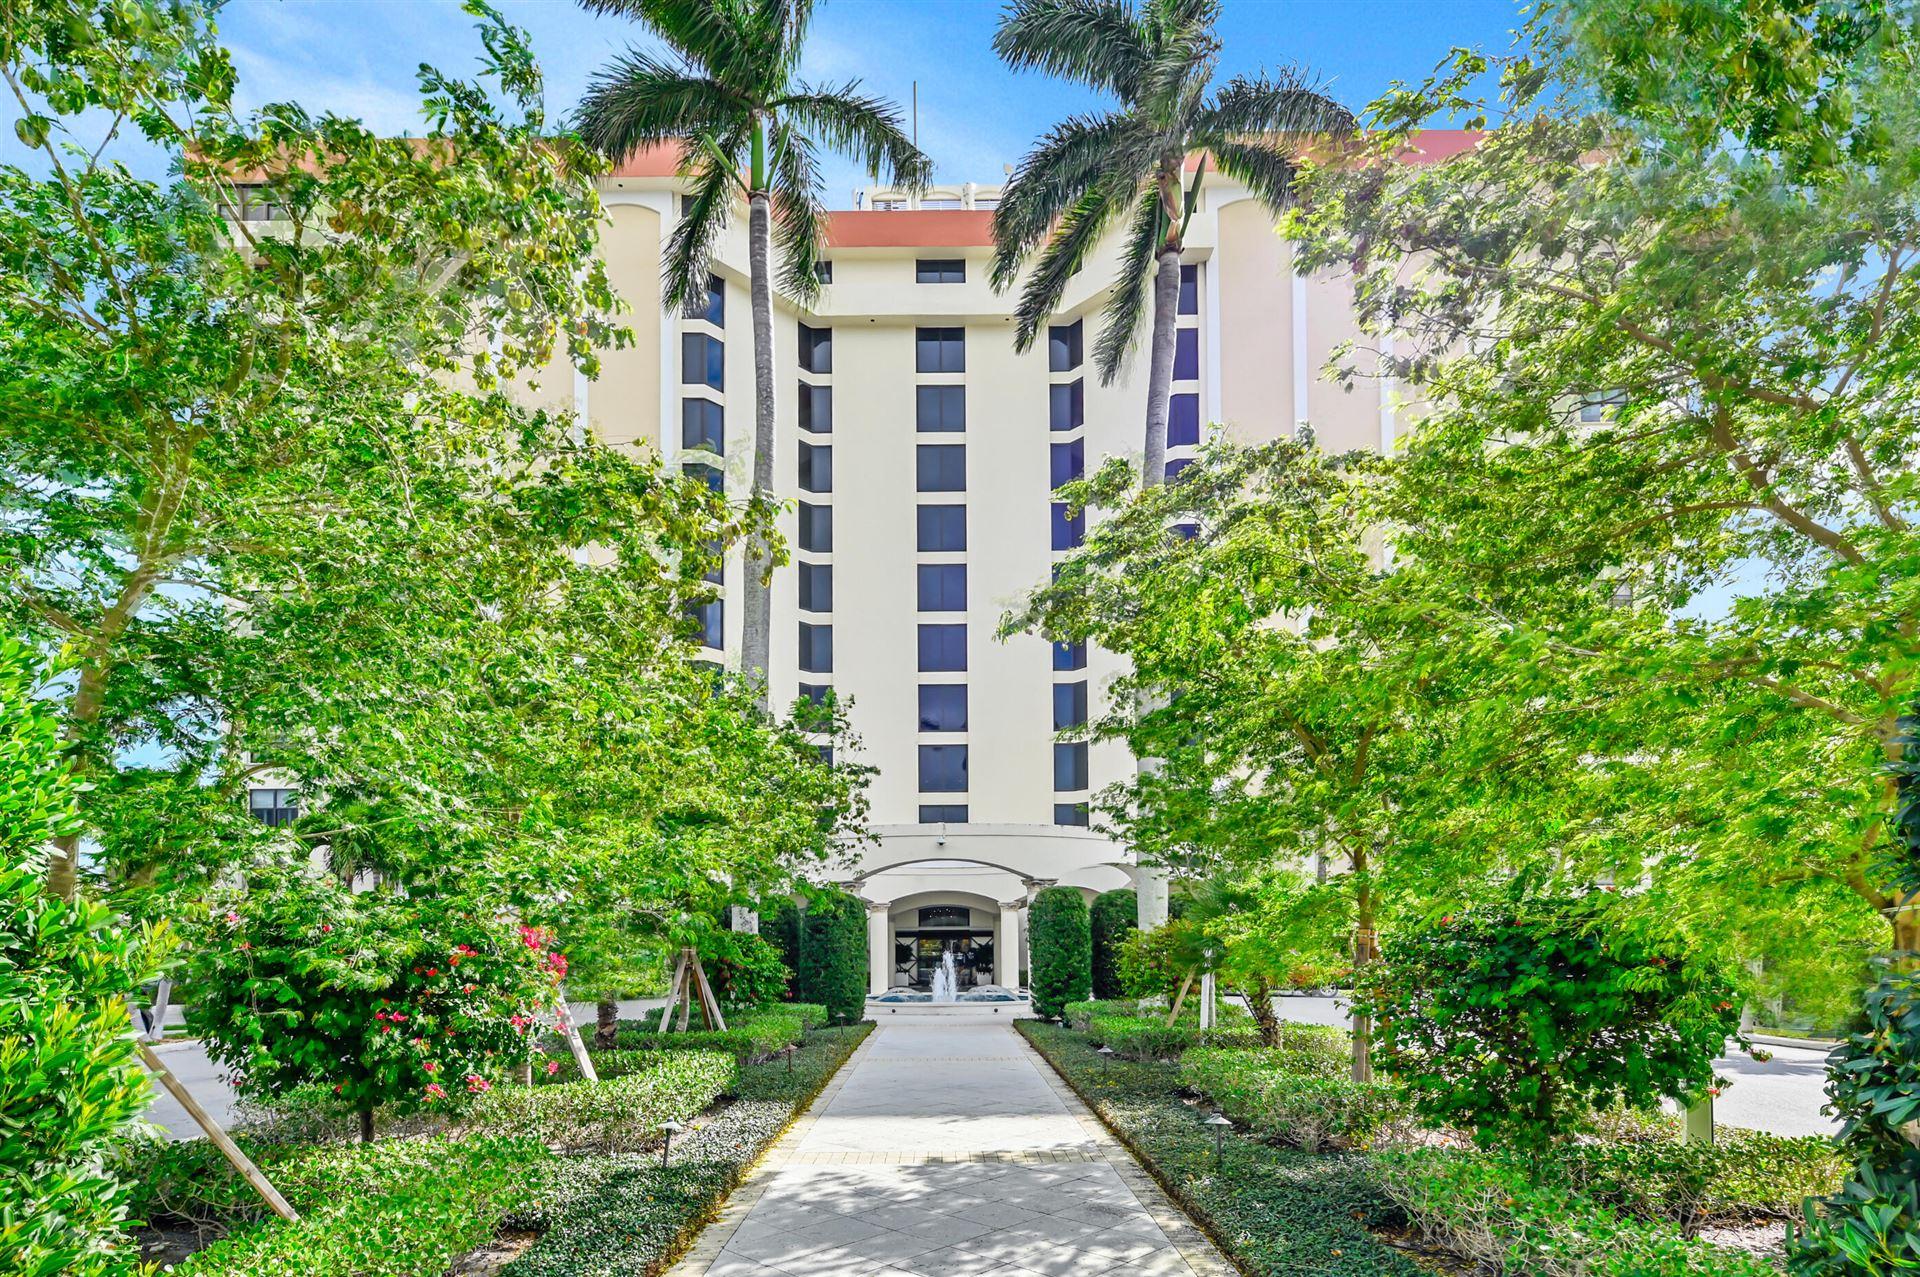 3800 Washington Road #1109, West Palm Beach, FL 33405 - #: RX-10694615